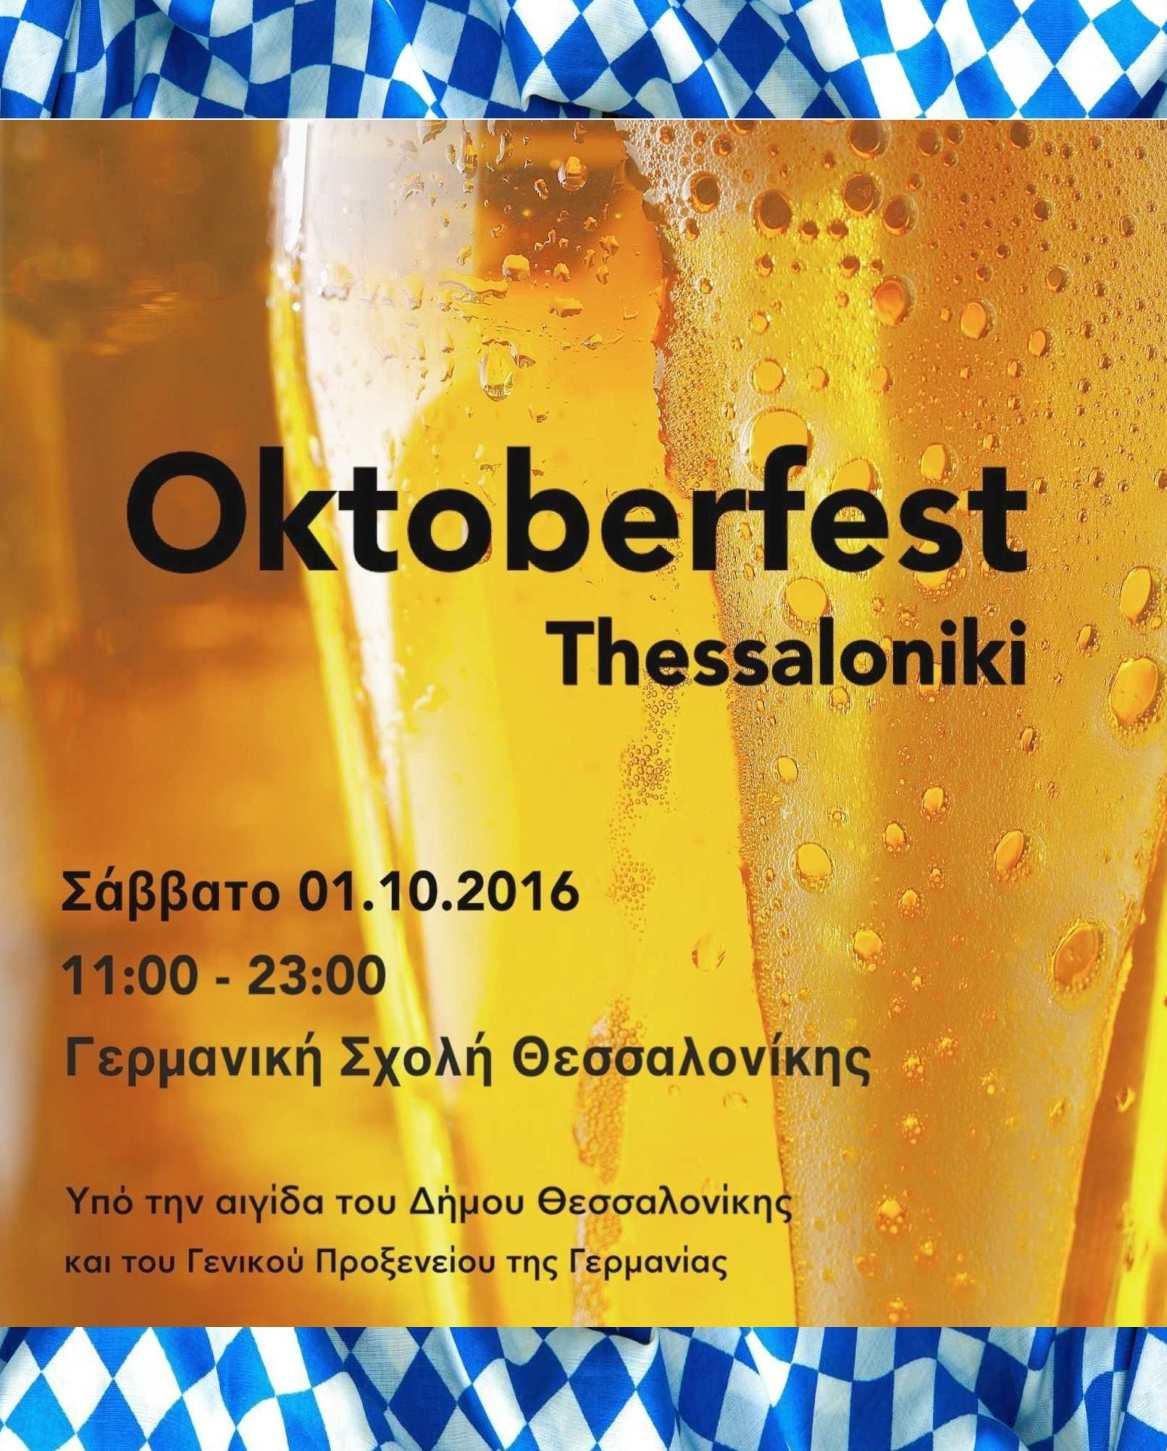 Einladung zum Oktoberfest 2016